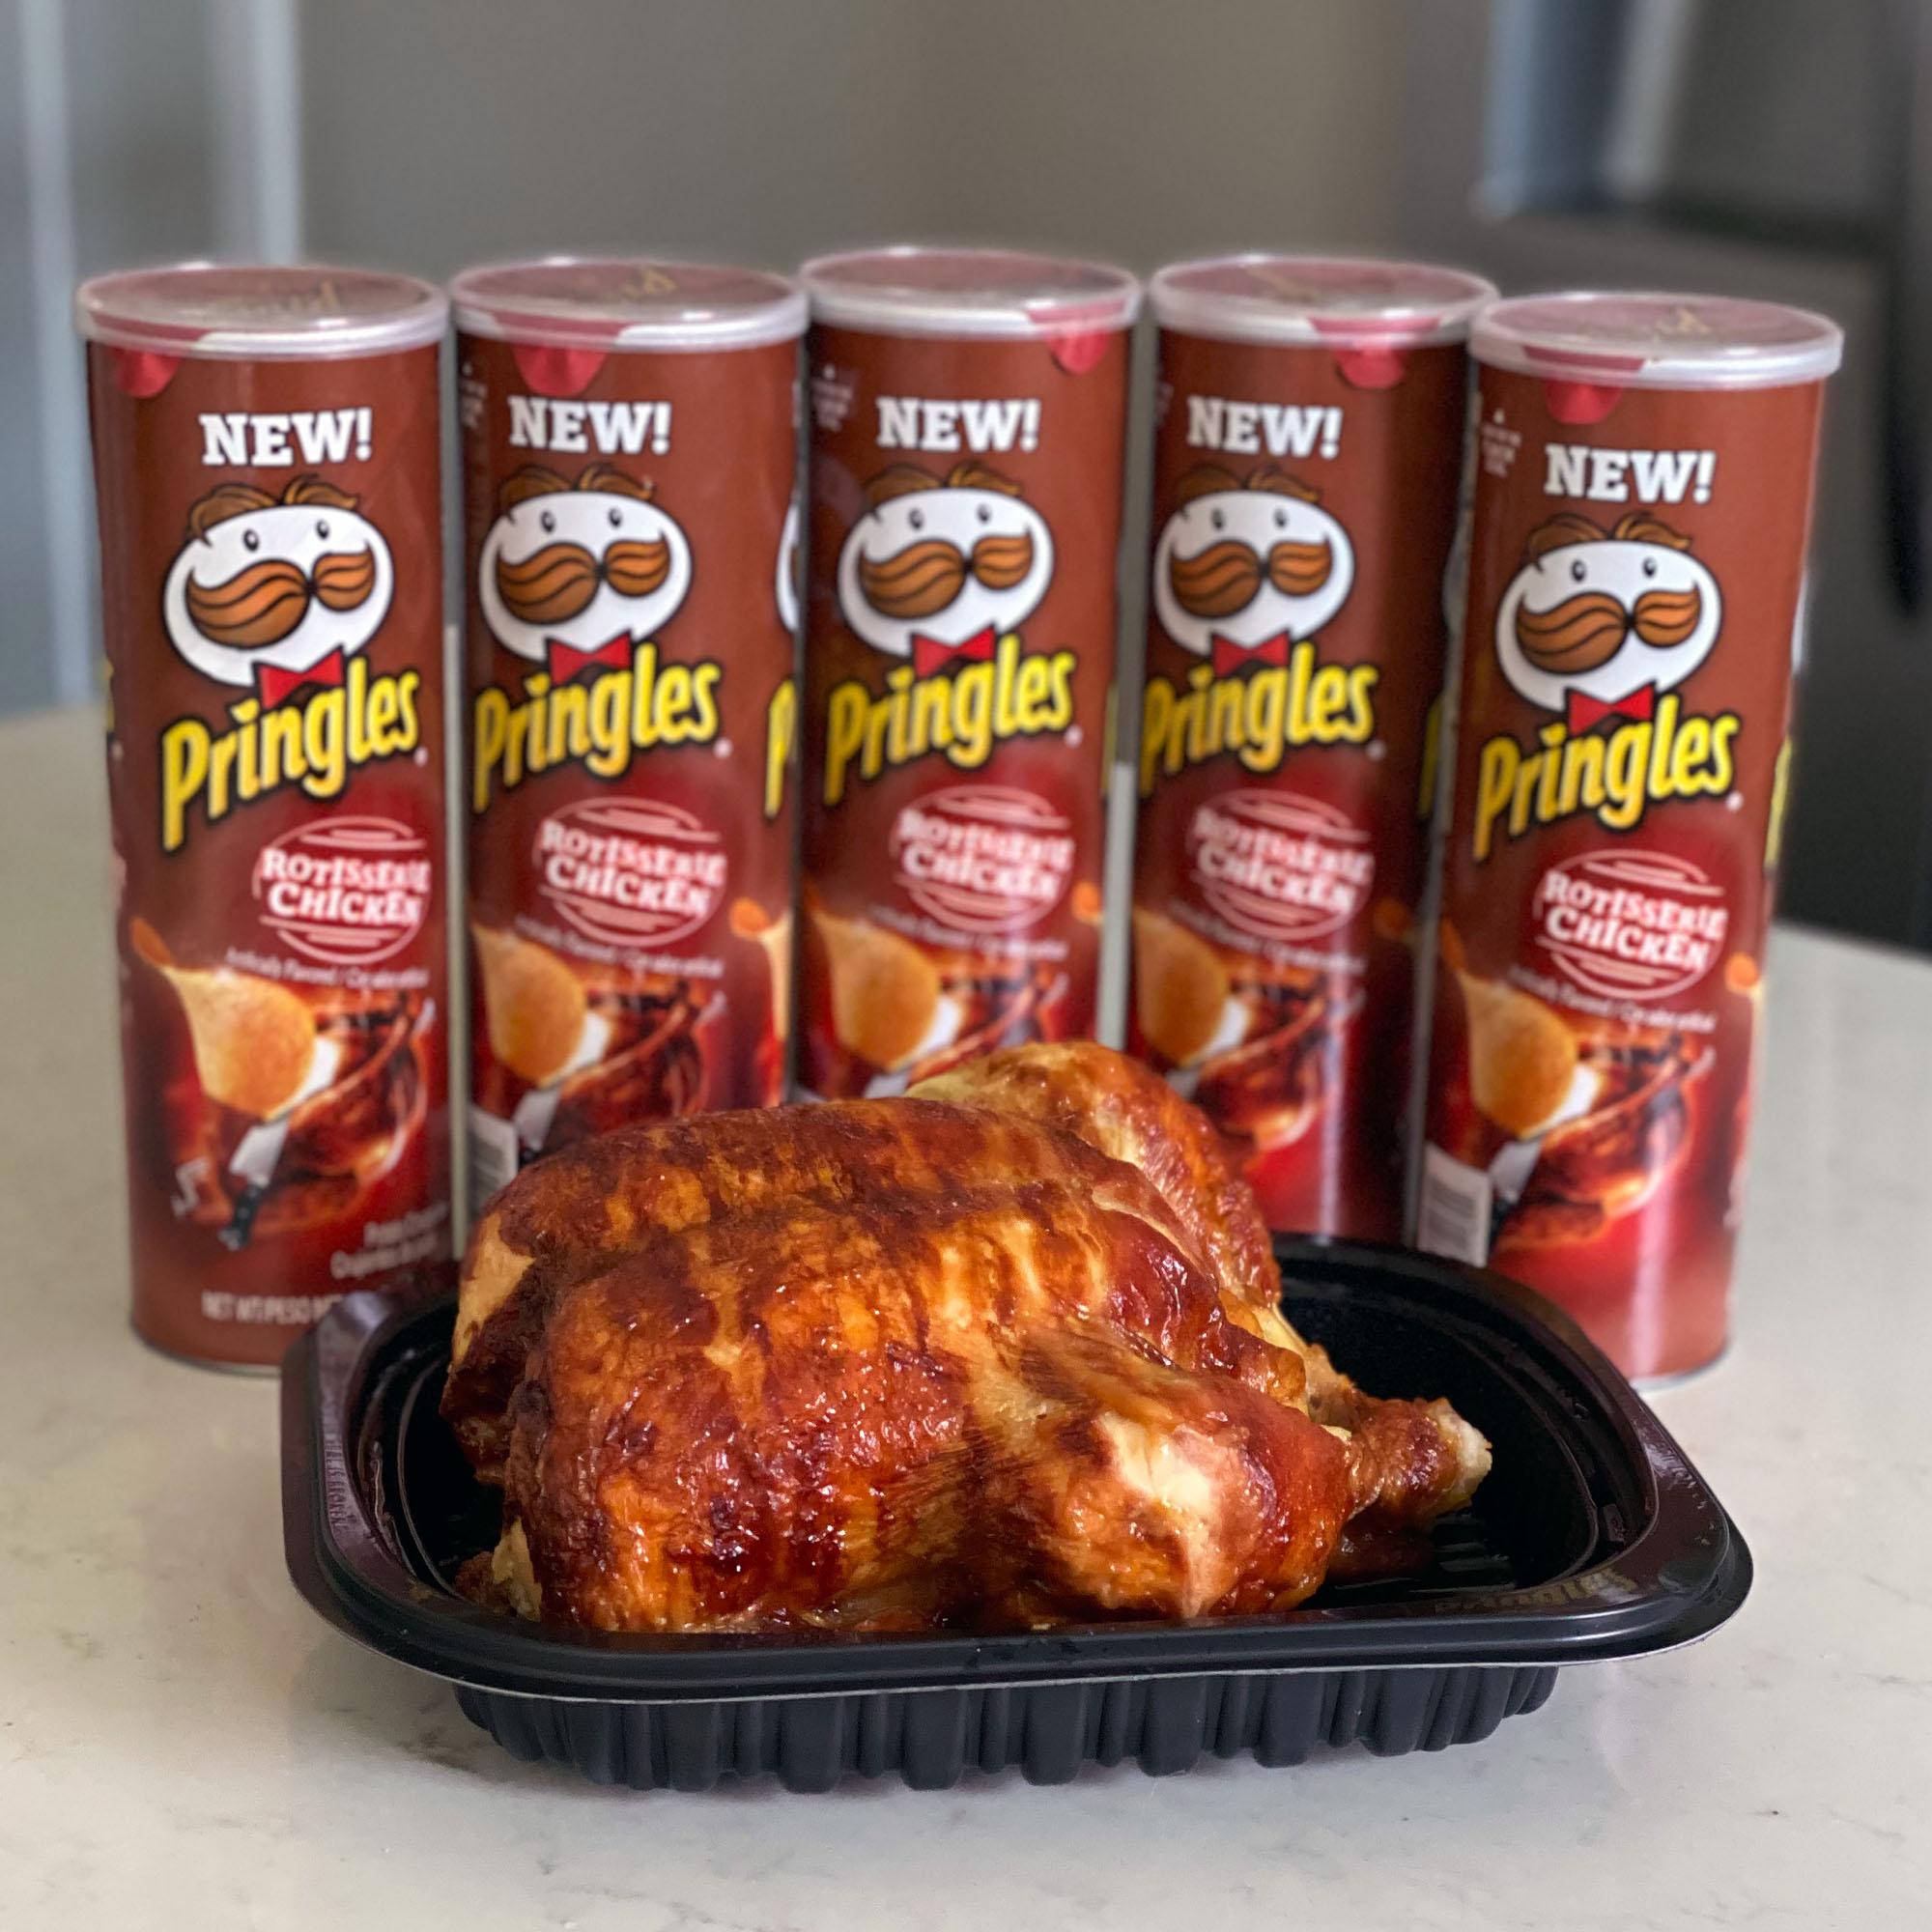 A Costco rotisserie chicken and Rotisserie Chicken Pringles